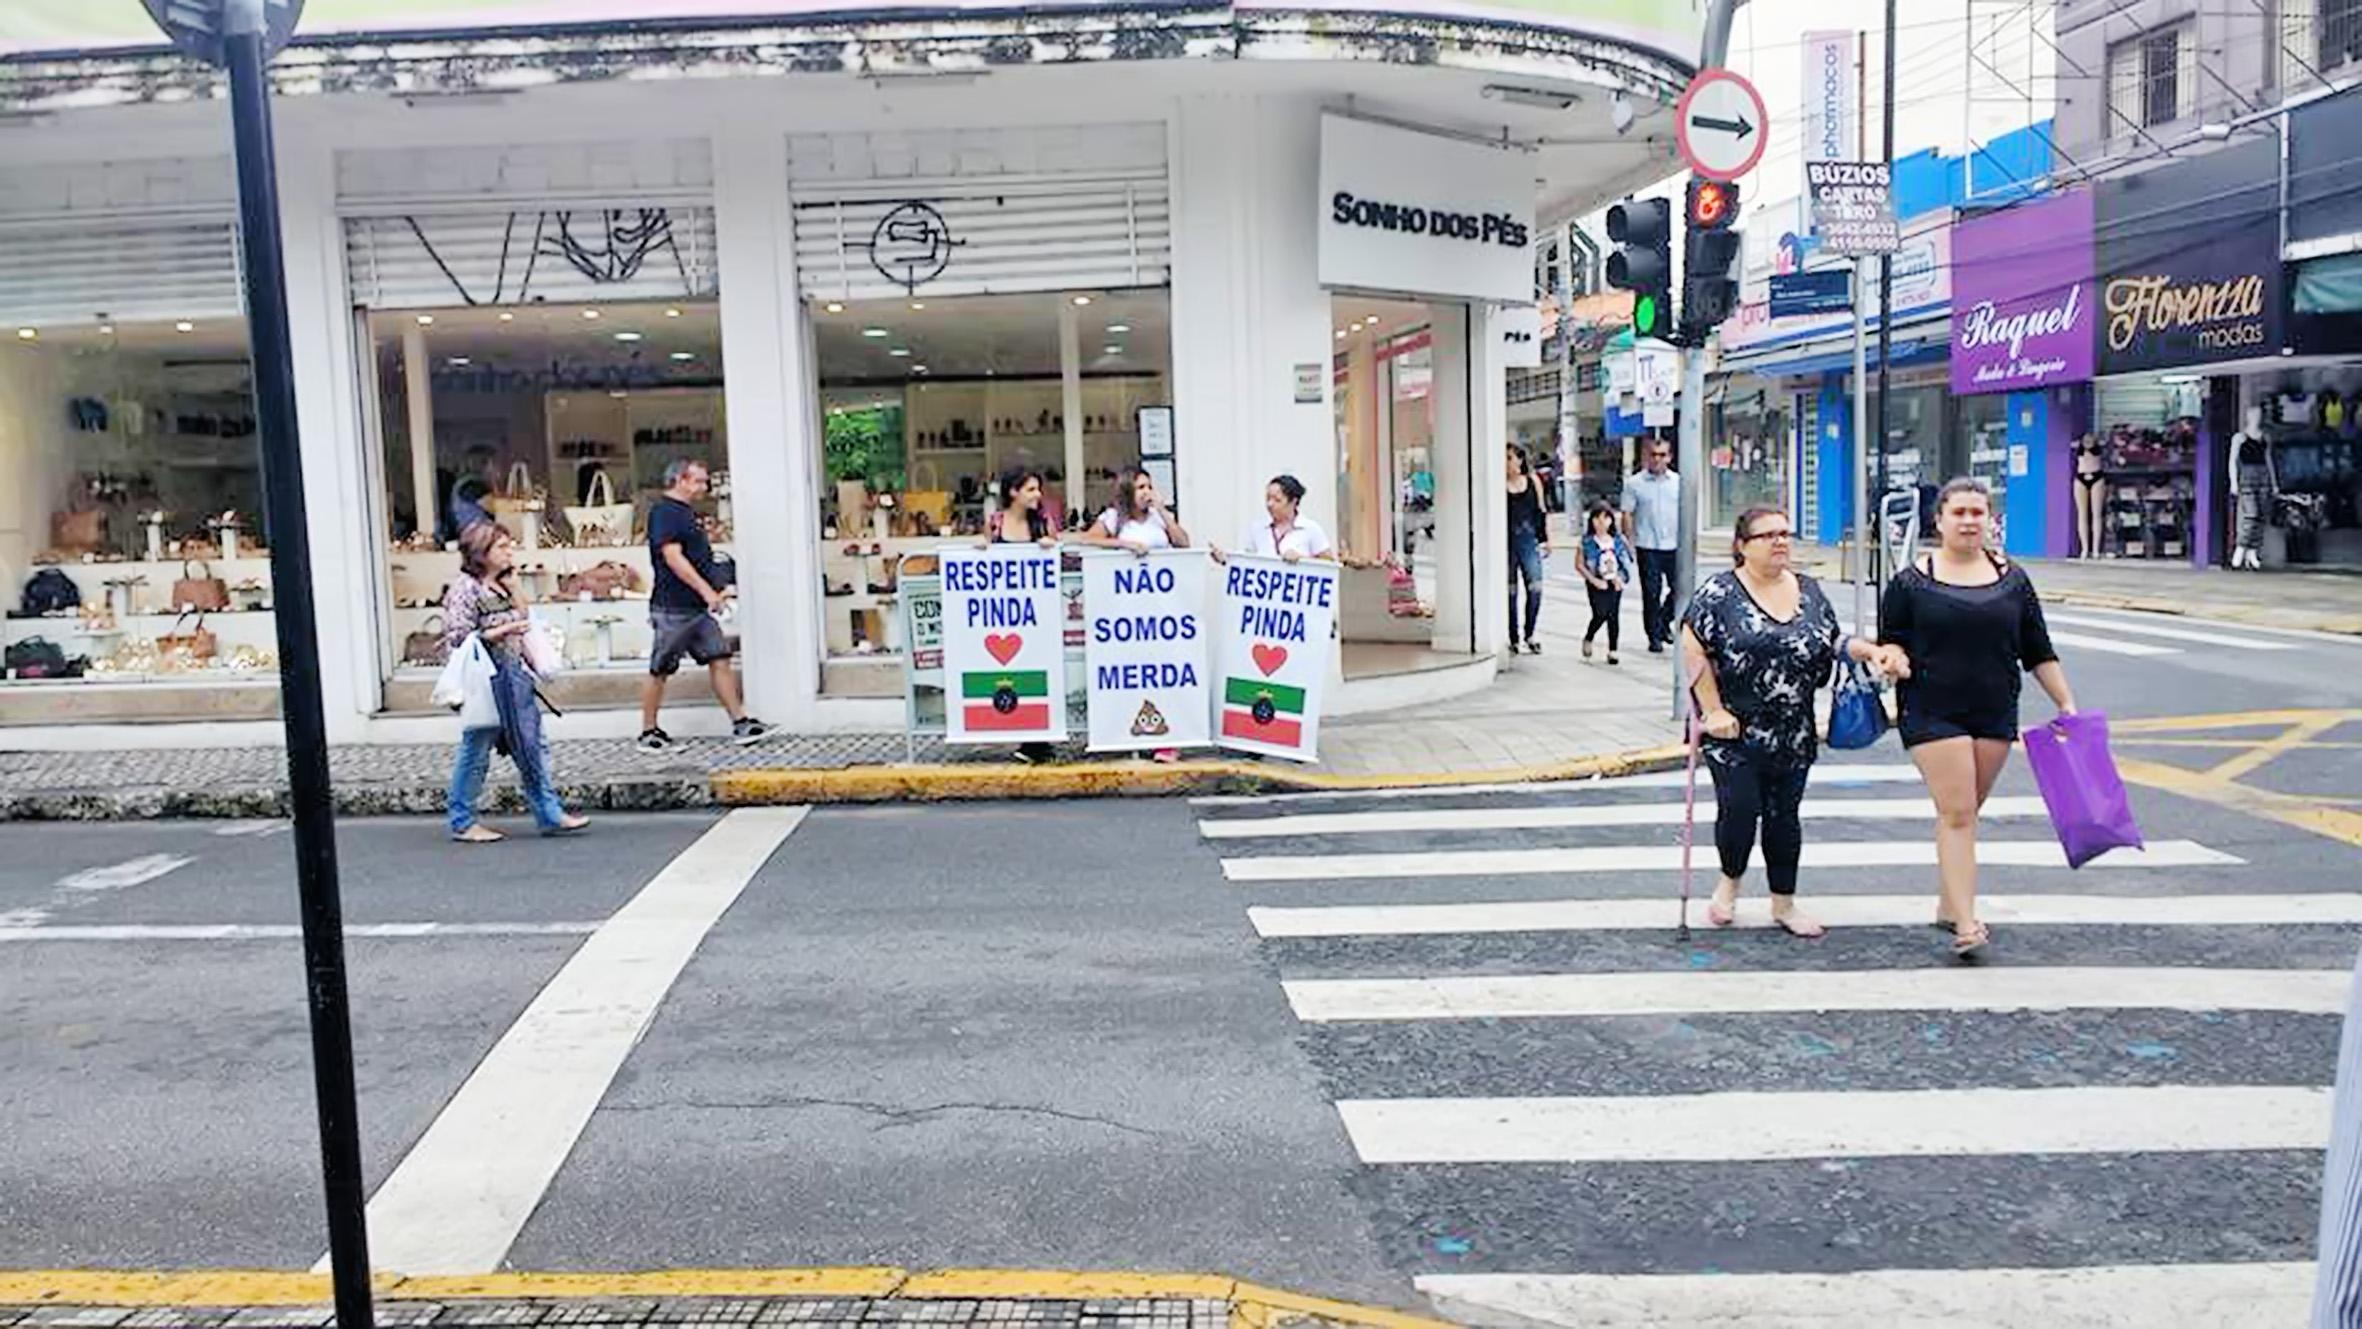 protesto Pinda 2